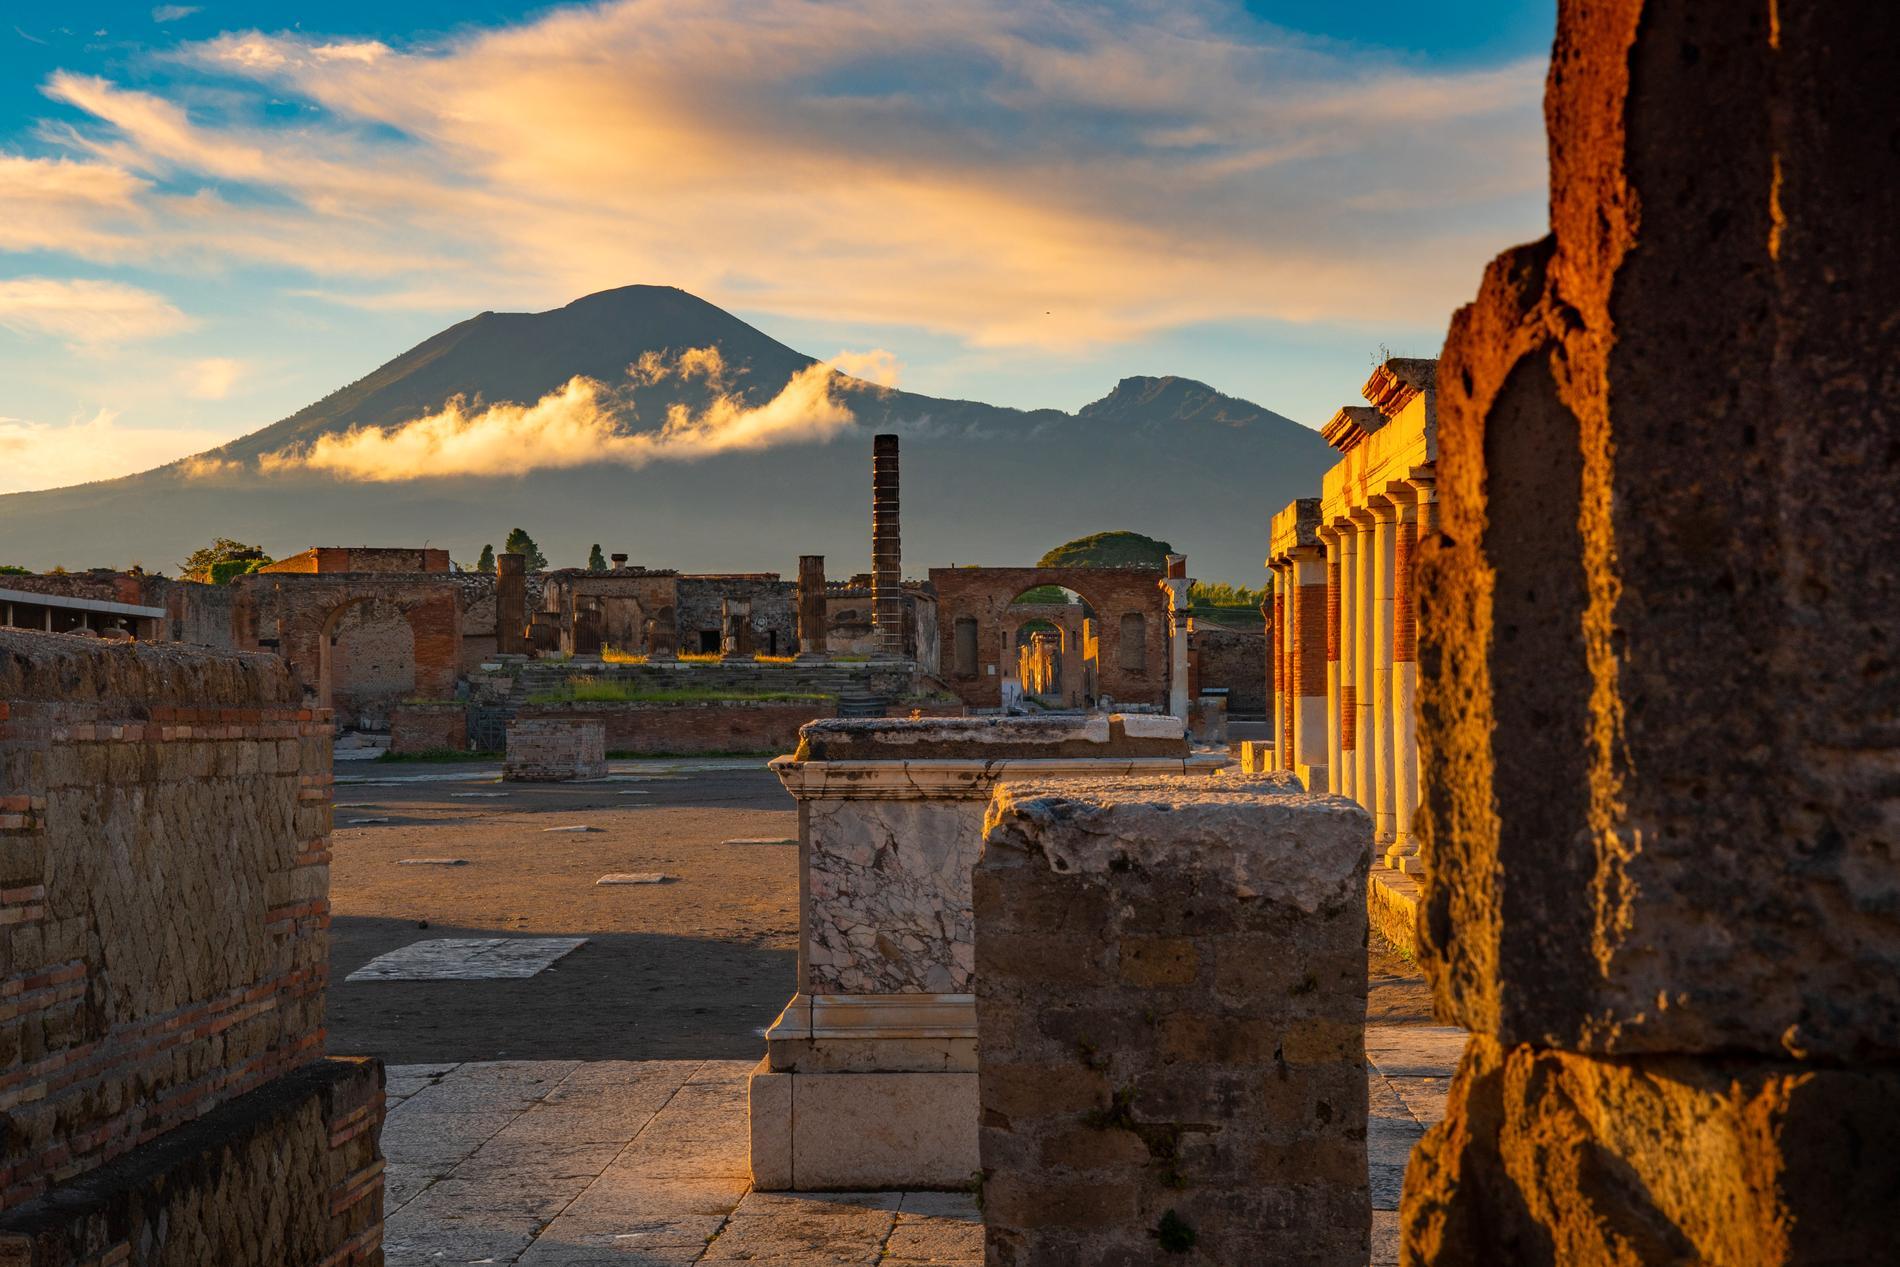 För hundratals år sedan förstördes Pompeji efter ett vulkanutbrott.